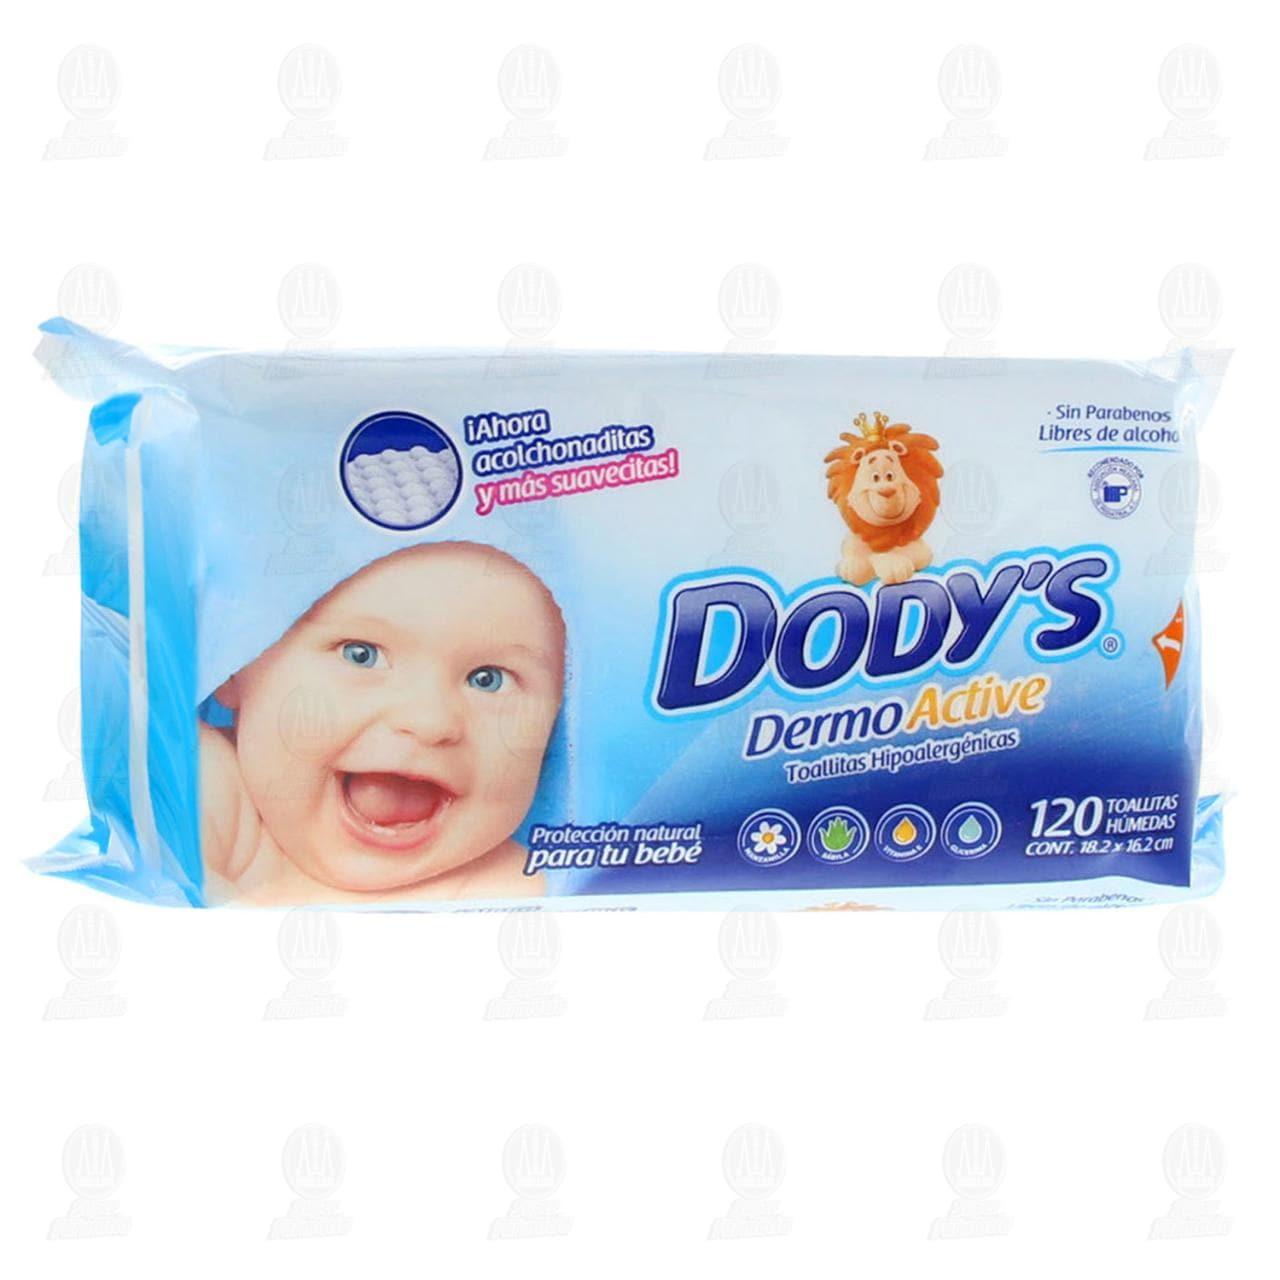 Toallitas para Bebé Dody's Dermo Active Hipoalergénicas, 120 pzas.